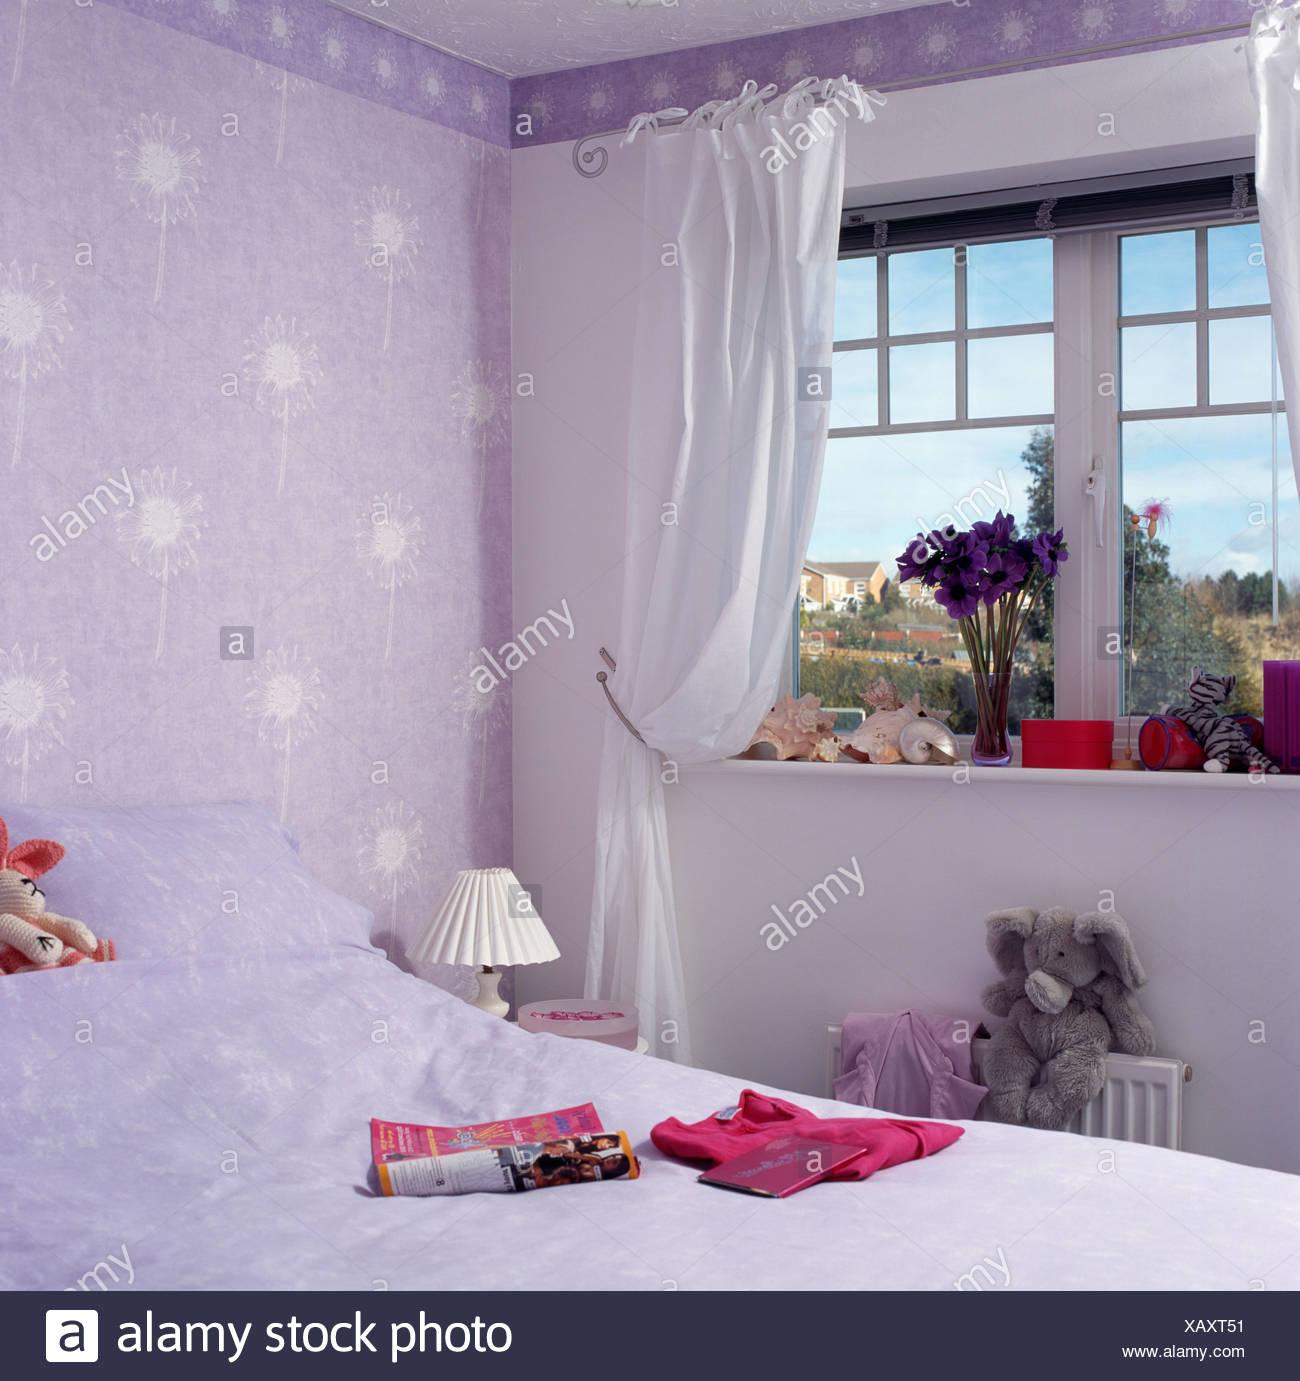 weiße vorhänge am fenster in kleinen wirtschaft-stil kinderzimmer